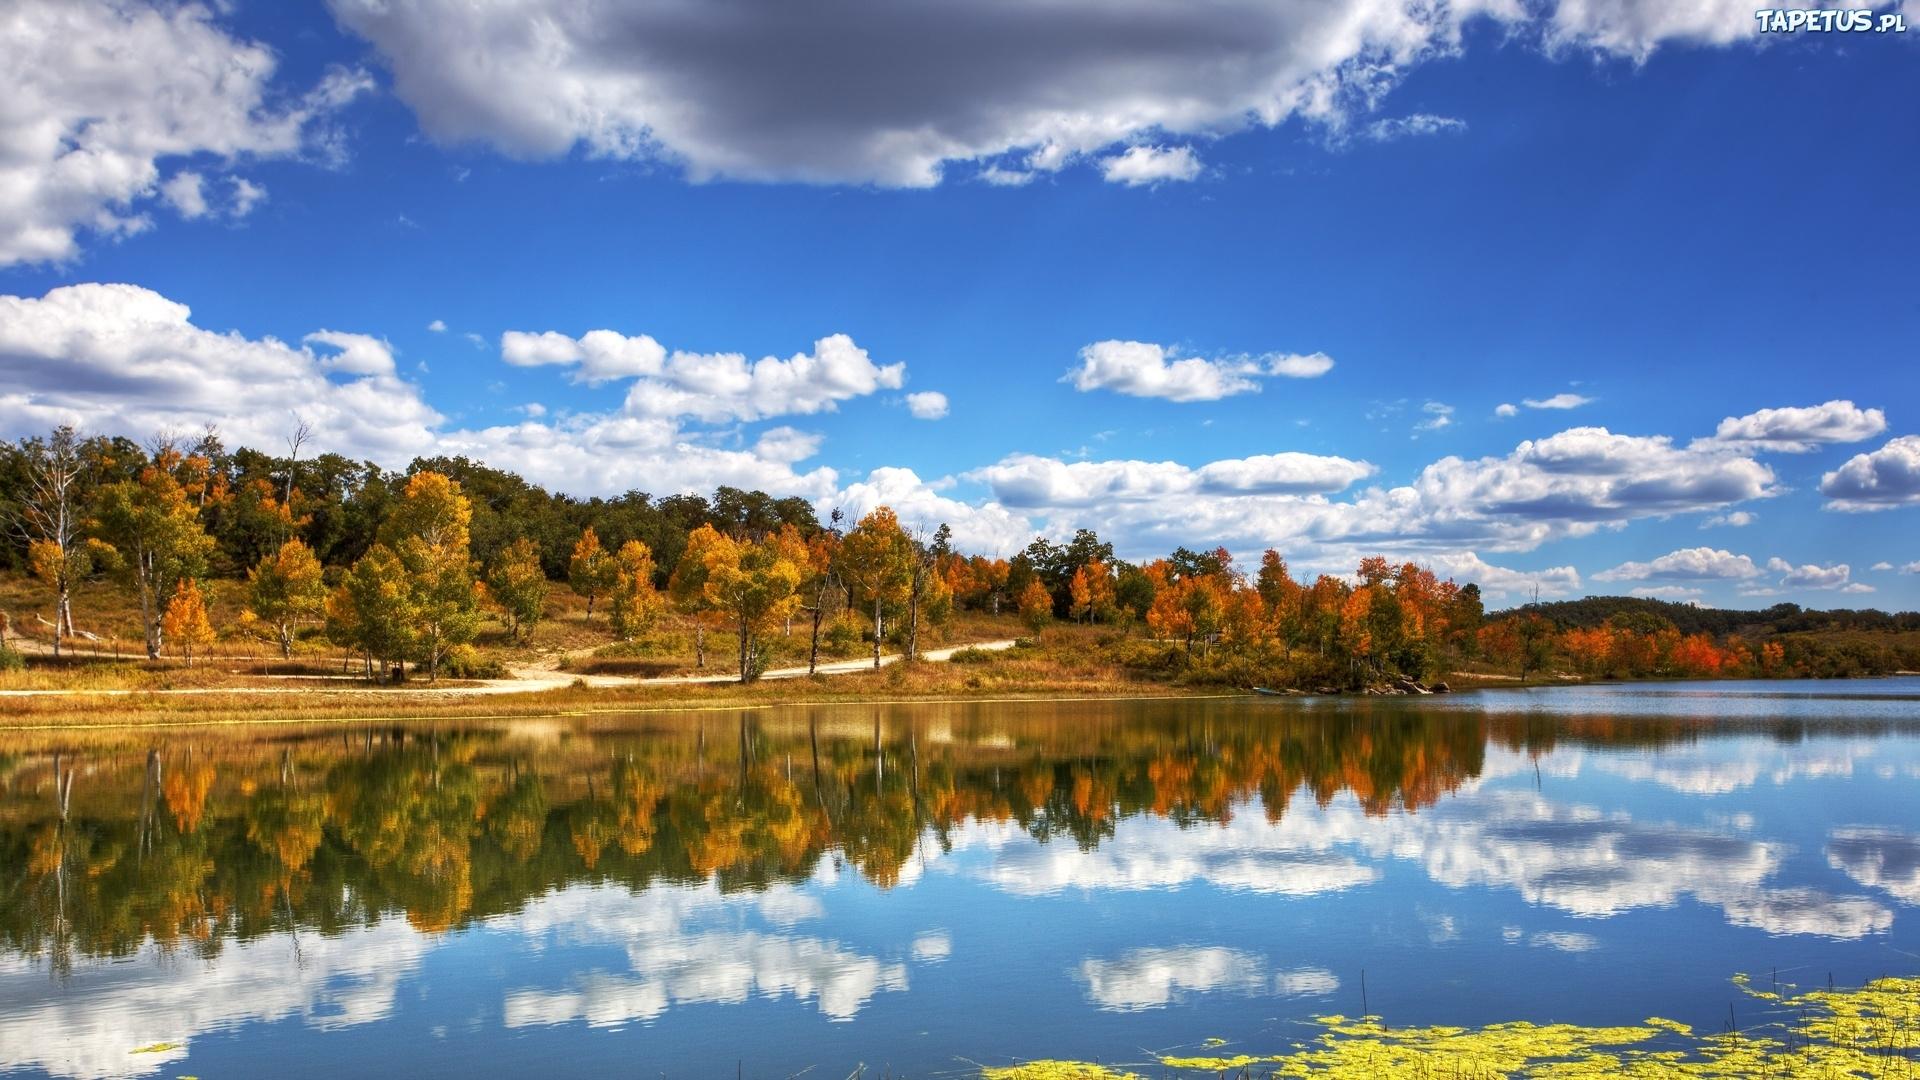 природа река отражение небо облака архитектура деревья в хорошем качестве